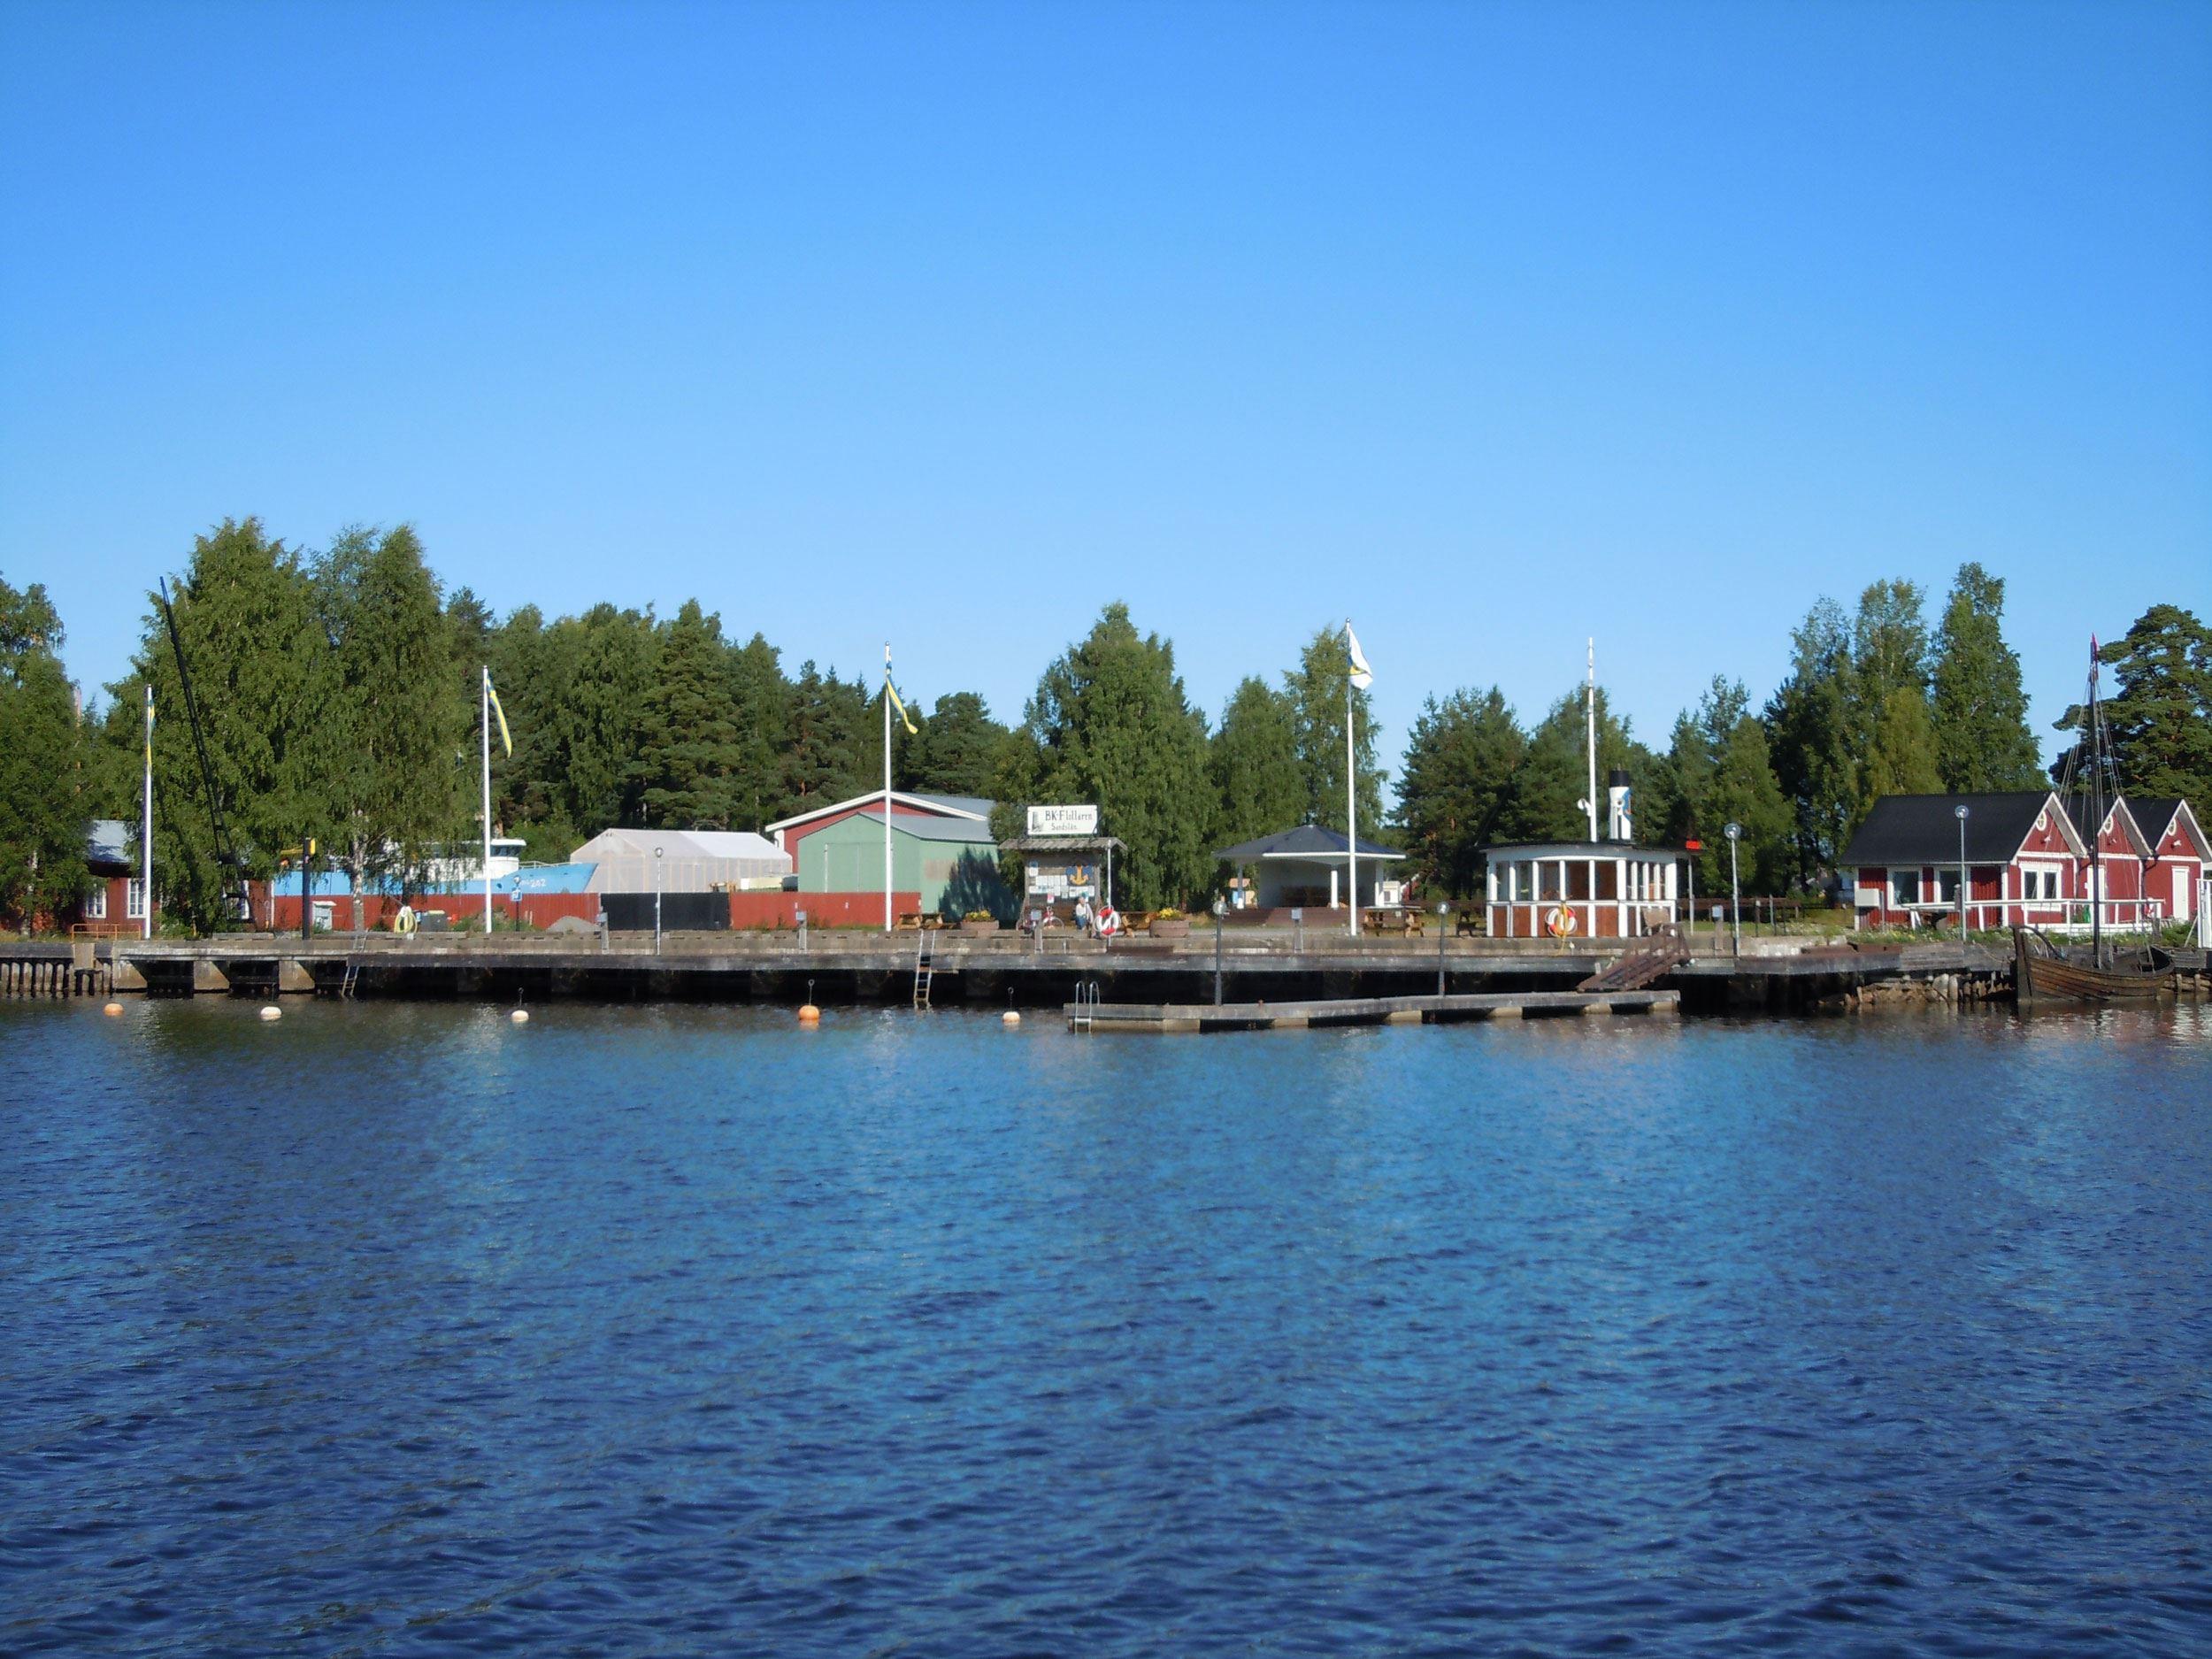 © BK Flottaren, Sandslåns gästhamn